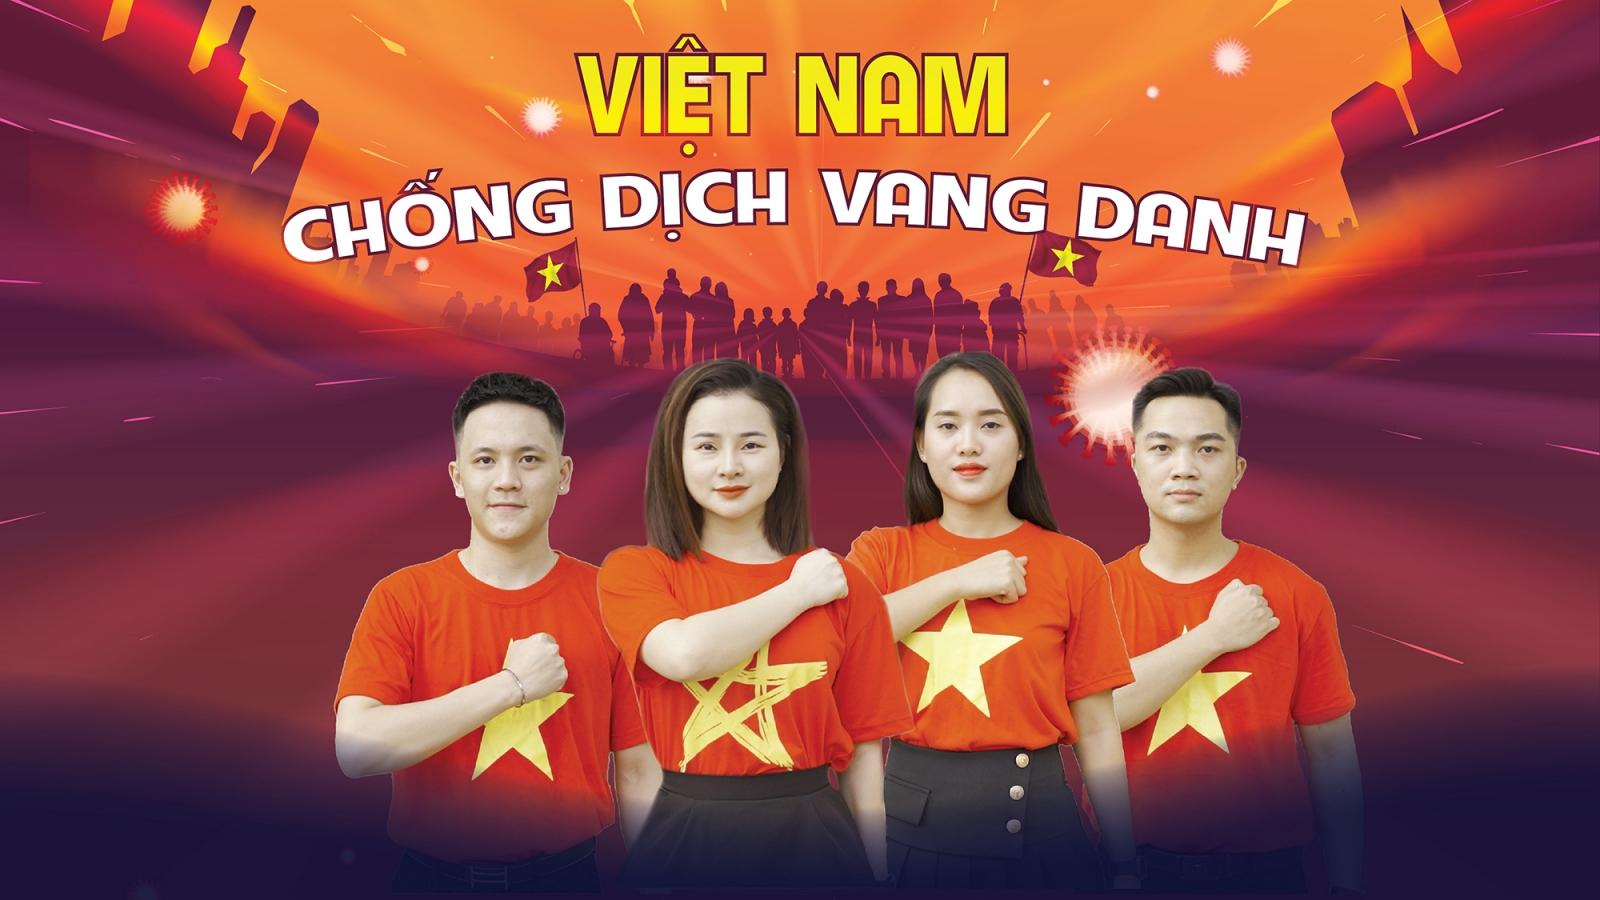 """""""Việt Nam chống dịch vang danh""""cổ vũ tinh thần """"chiến đấu"""" với Covid-19"""